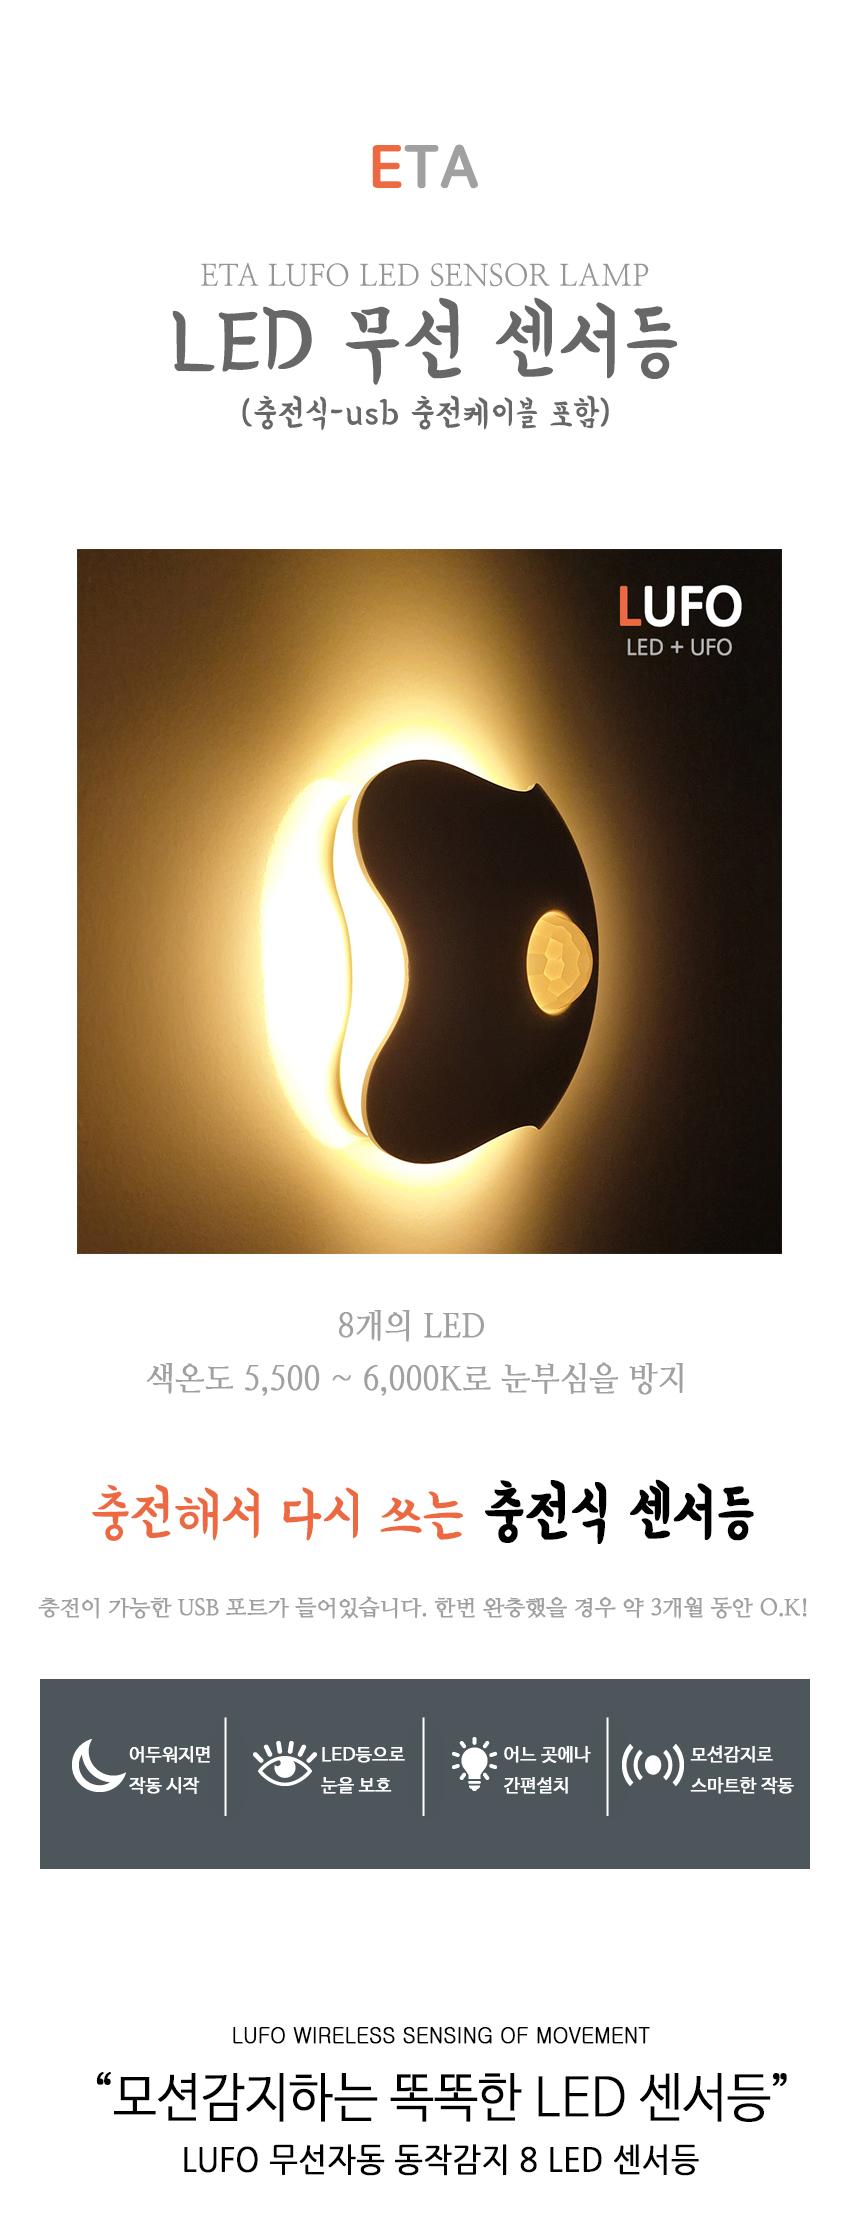 루포 LED 무선 센서등 자동감지 현관등 충전식 센서등 - 쥬빌리라이프, 18,900원, 리빙조명, 벽조명